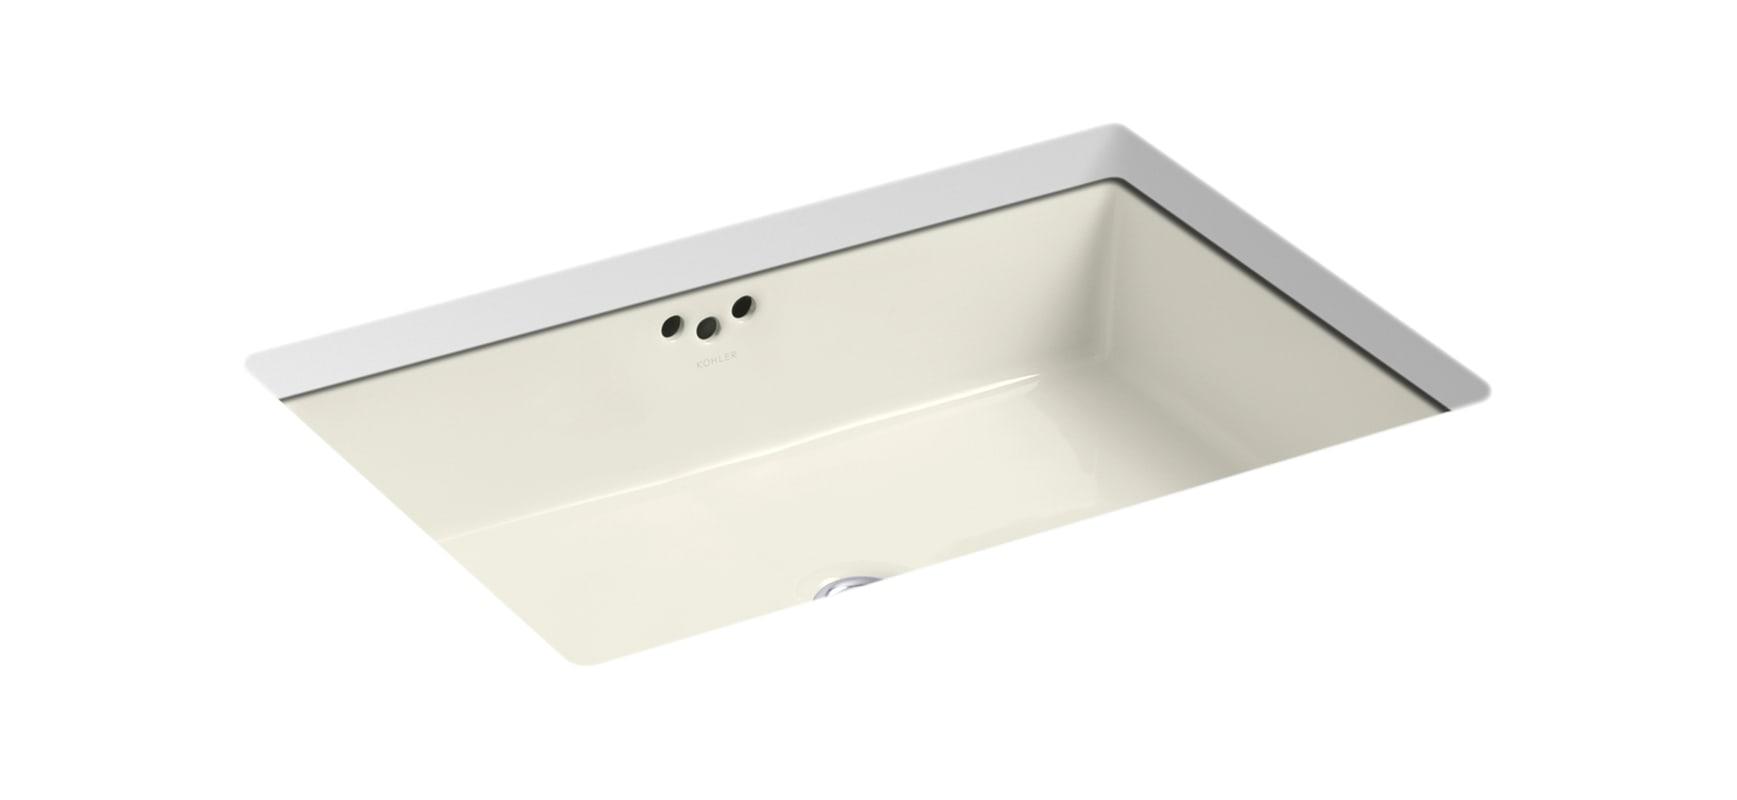 Kohler k 2200 vitreous china lavatory sink contemporary bathroom sinks - Kohler K 2297